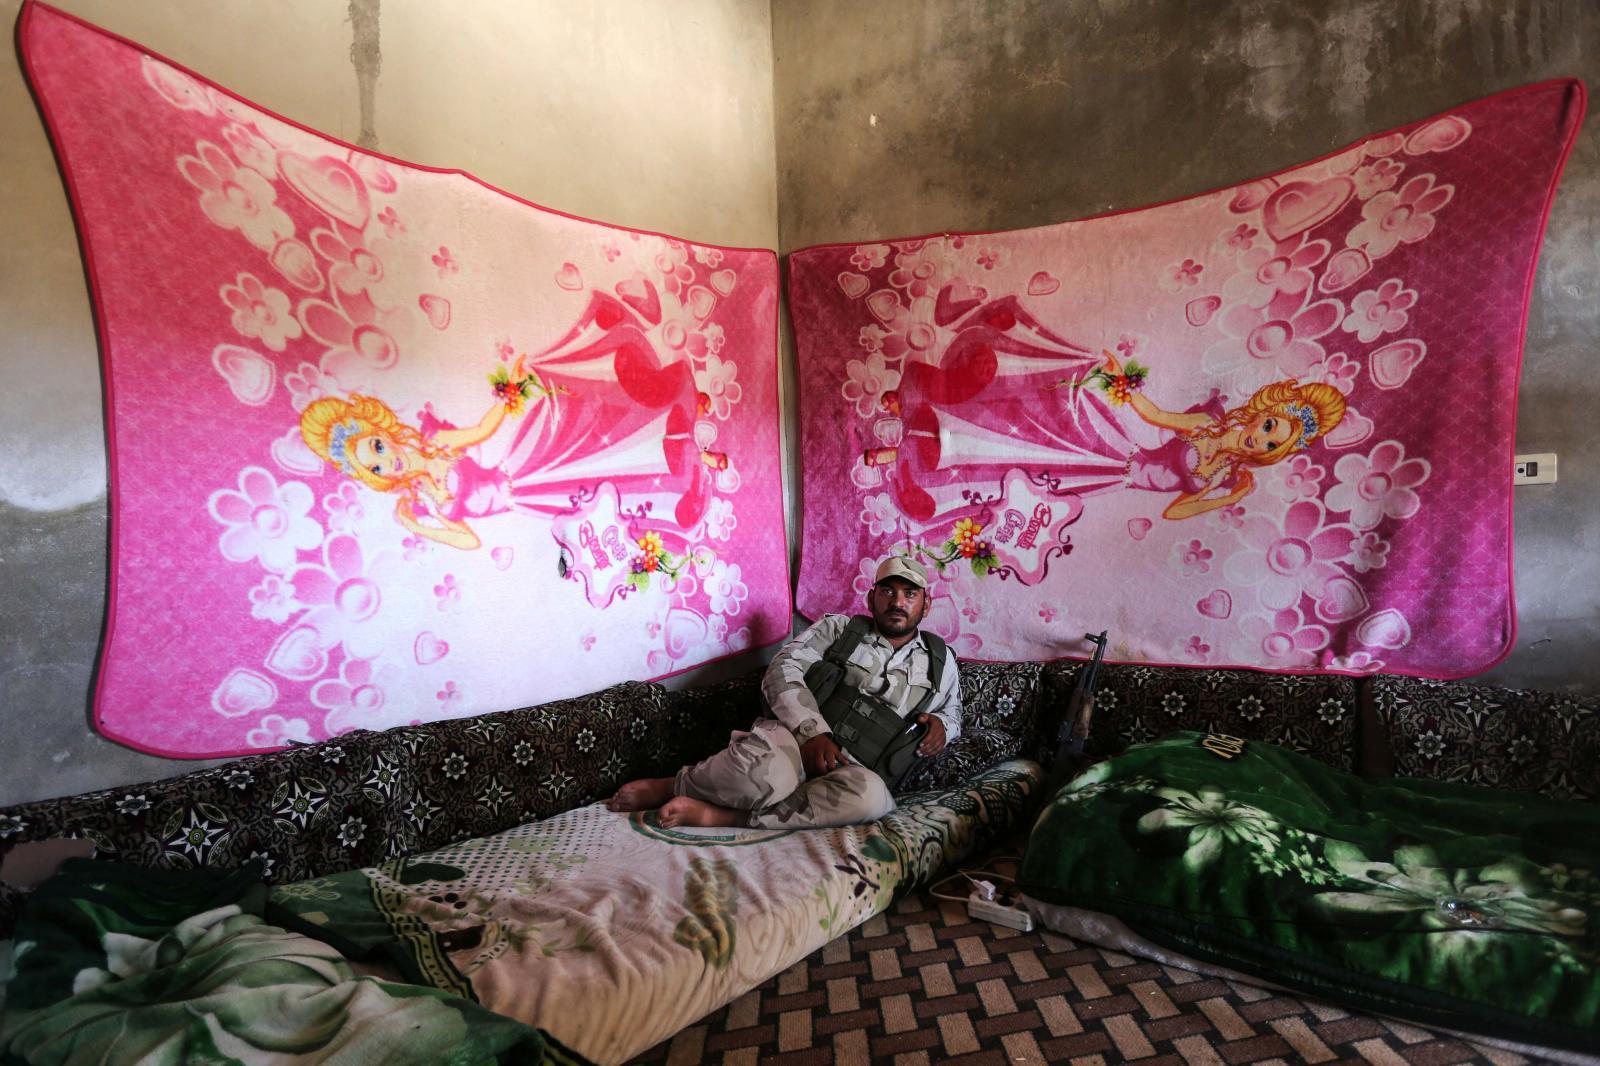 BARBā°E Fā±rat Kalkanā± Operasyonu'nun ardā±ndan DEAÅž'den temizlenen Suriye'nin kuzeyinde ÅŸimdilik çatā±ÅŸmalar bitmiÅŸ durumda. Yorucu geçen bir dönemin ardā±ndan Özgür Suriye Ordusu (ÖSO) savaÅŸçā±larā±, Barbie duvar halā±larā±yla süslenmiÅŸ karargahlarā±nda dinleniyor. TEMMUZ 2017 UāžUR YILDIRIM SABAH